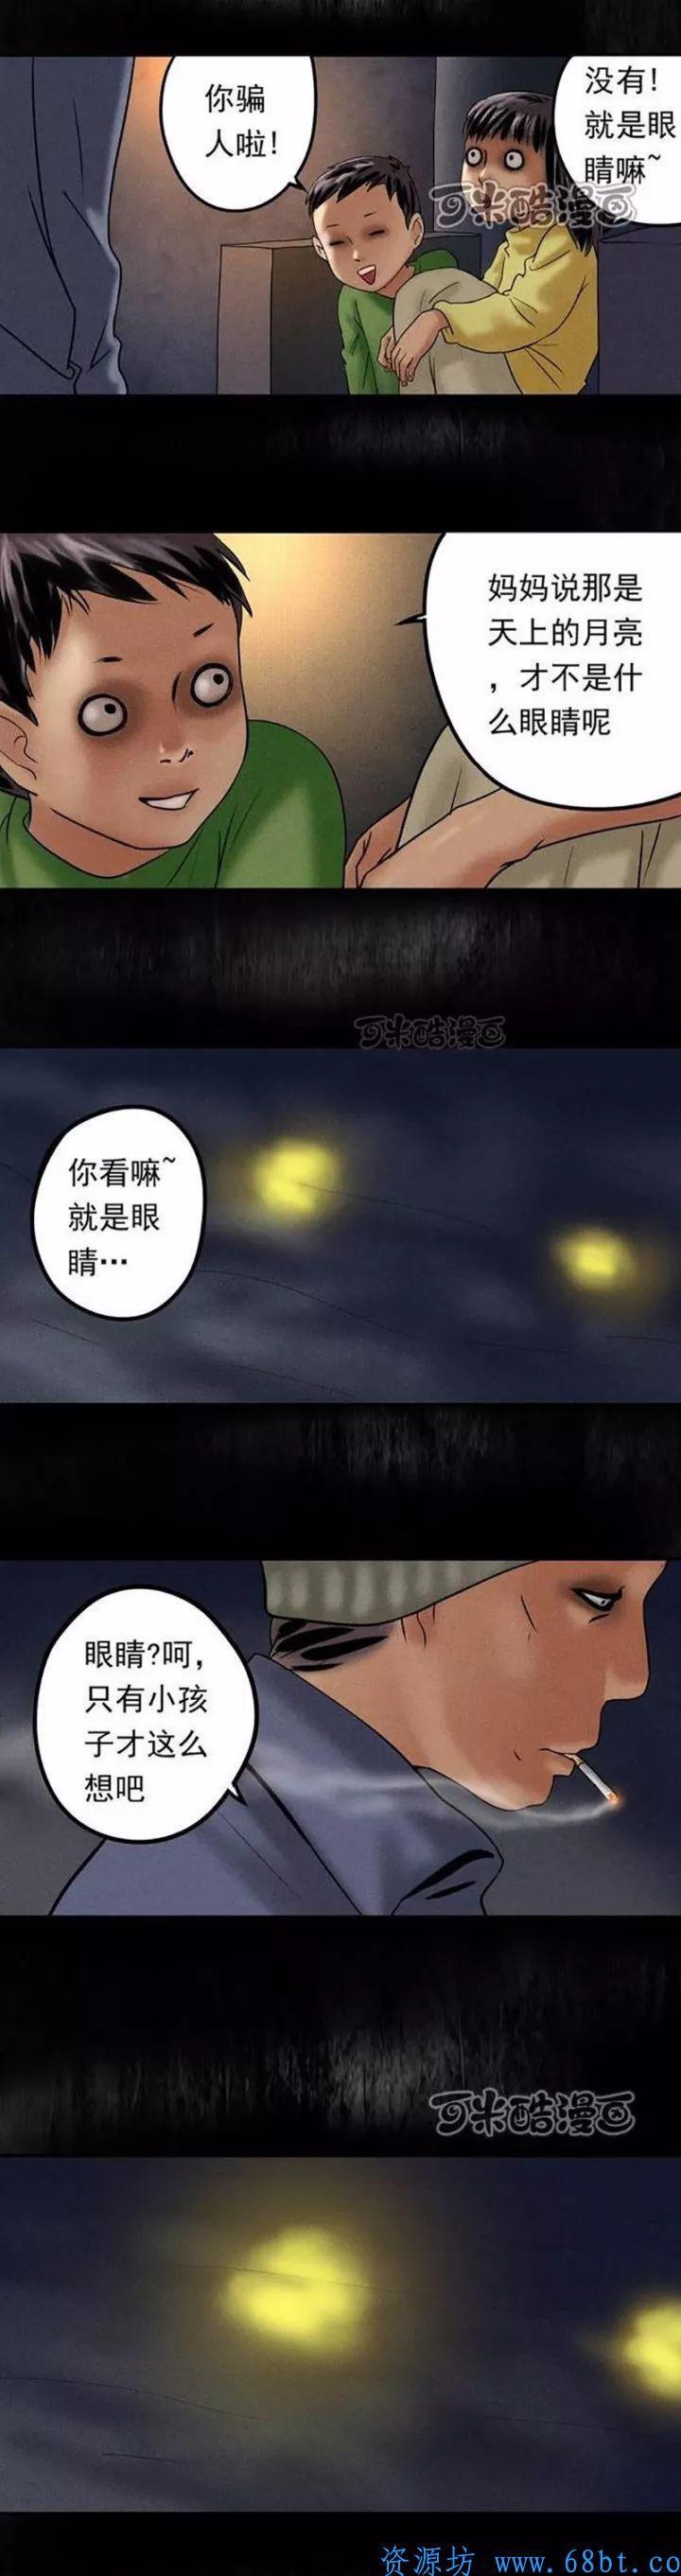 [恐怖漫画] 城,恐怖漫画,第13张